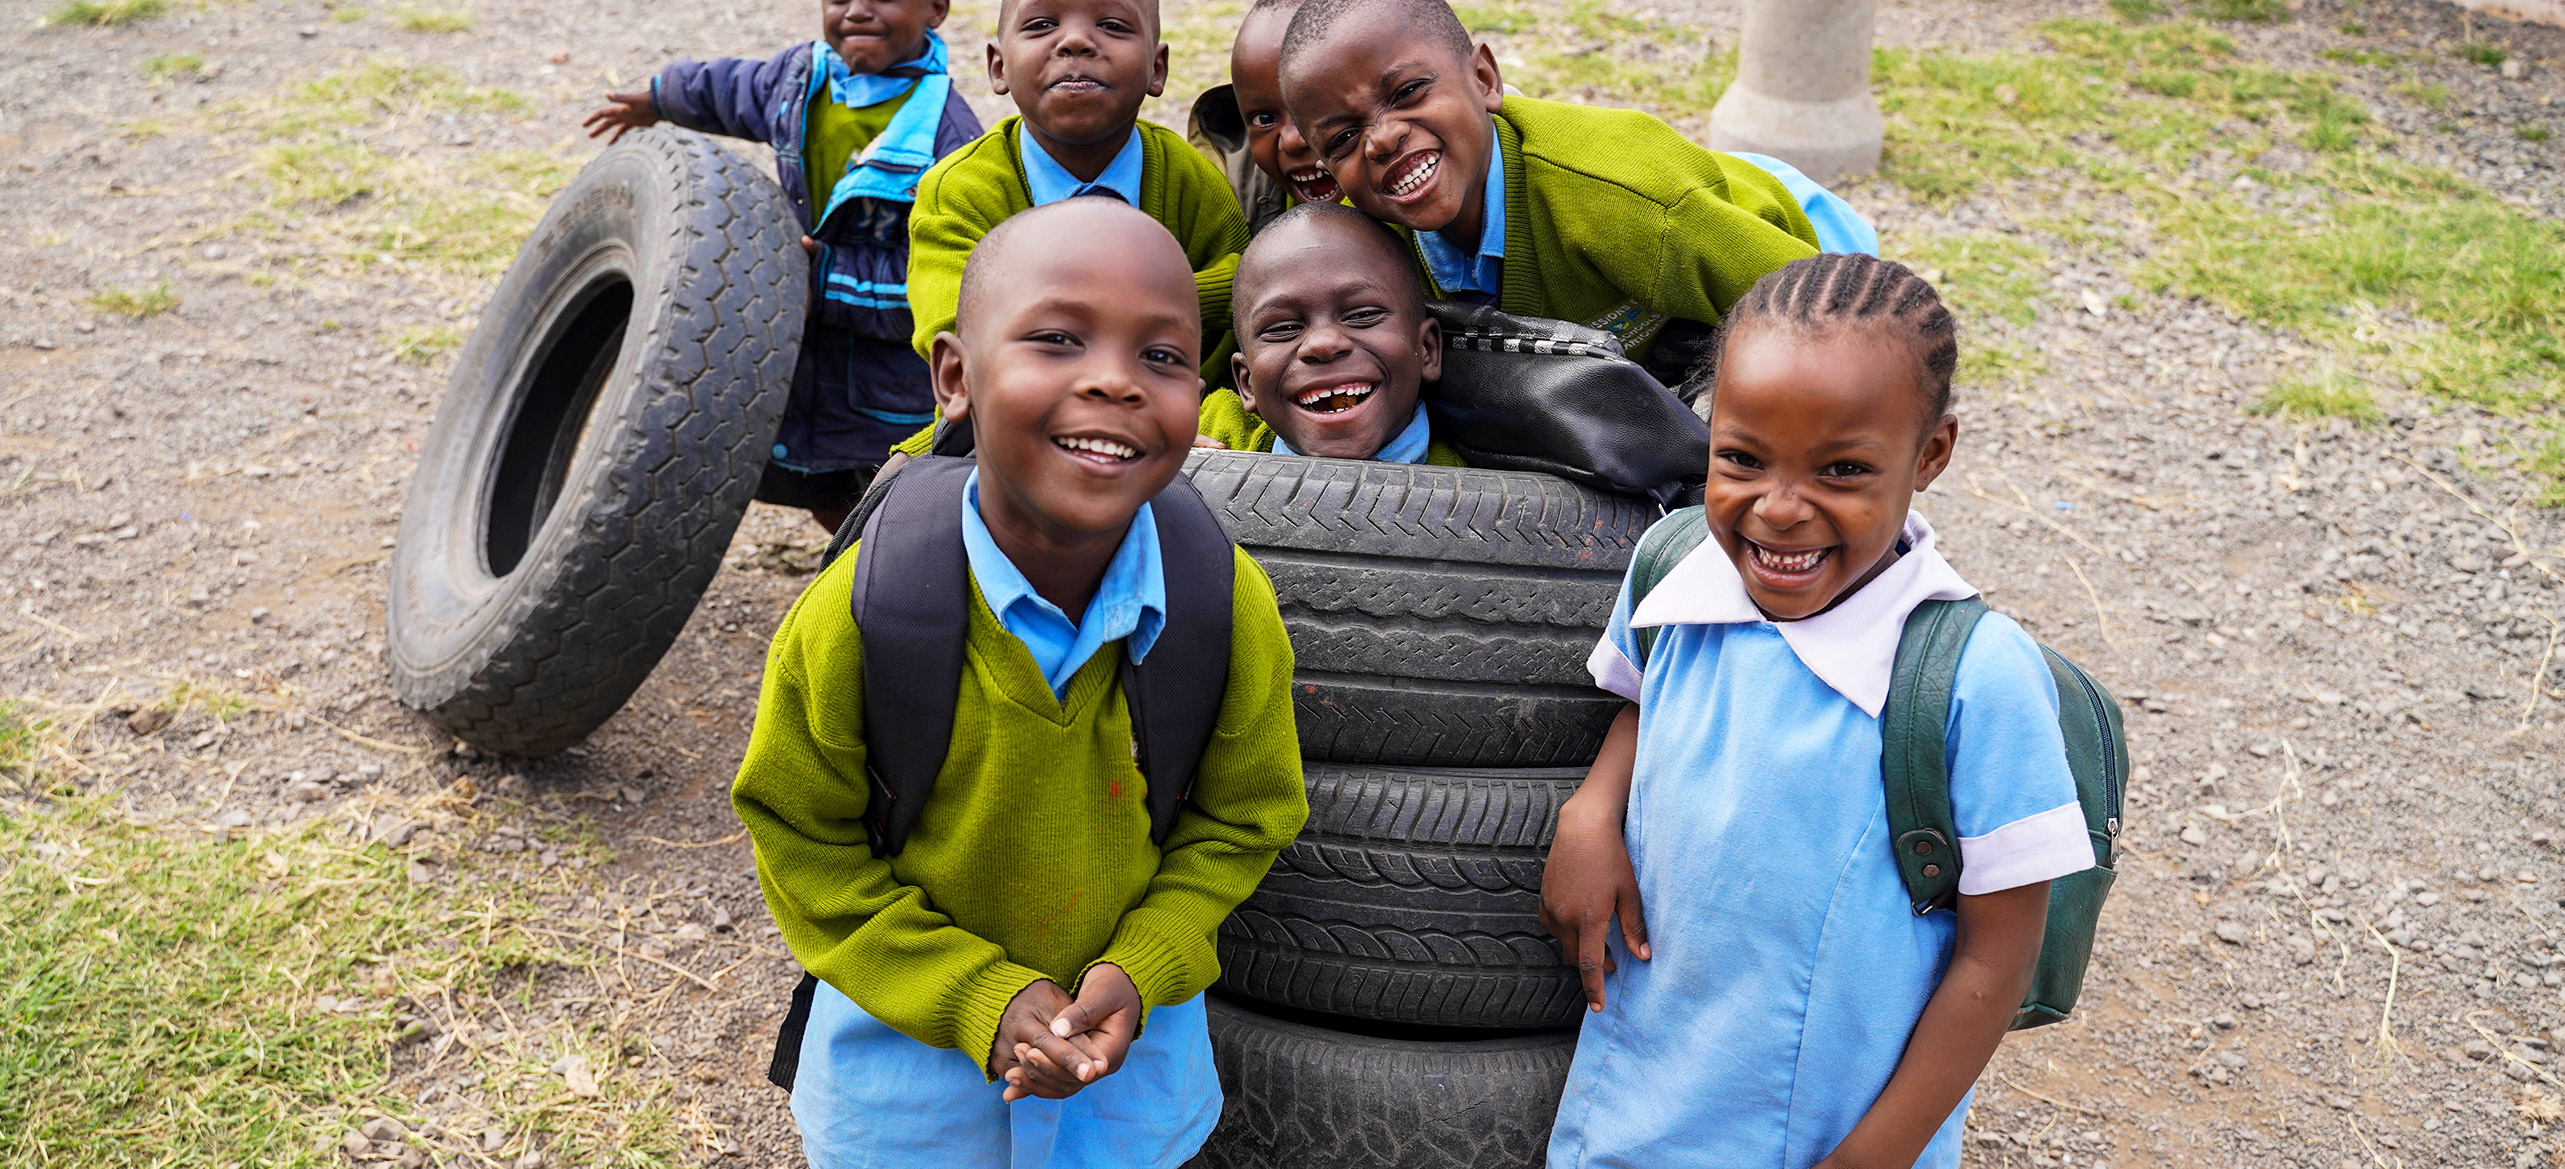 MOHI Sponsored Children Smiling